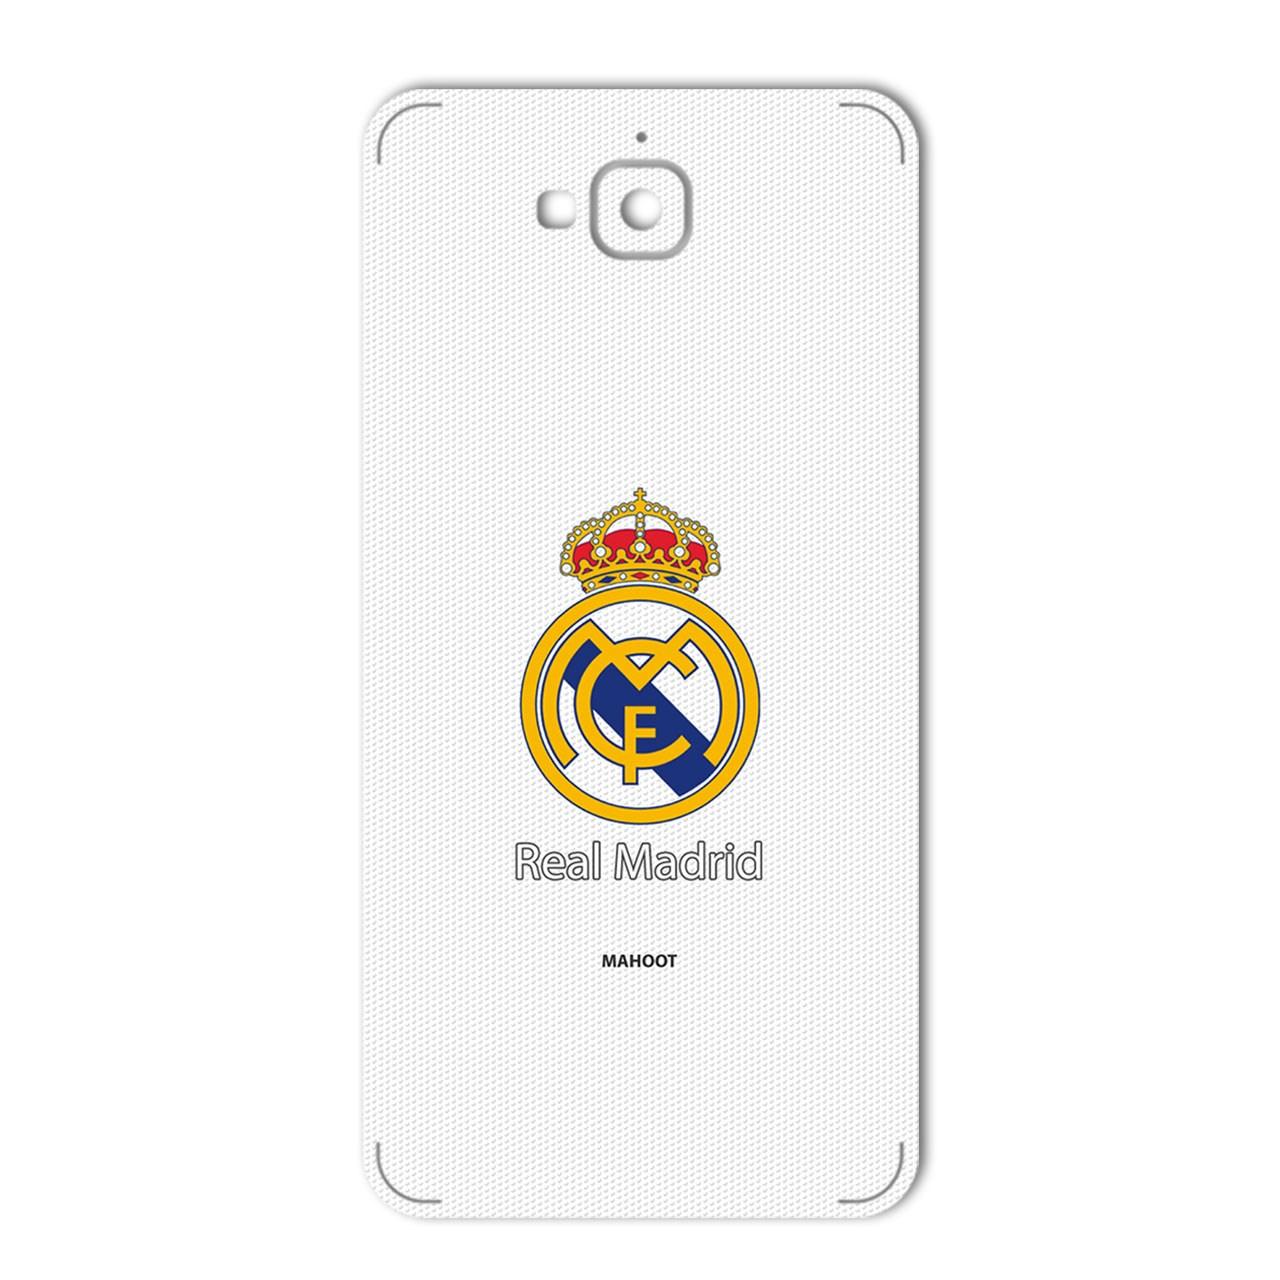 برچسب پوششی ماهوت مدل REAL MADRID Design مناسب برای گوشی  Huawei Y6 Pro